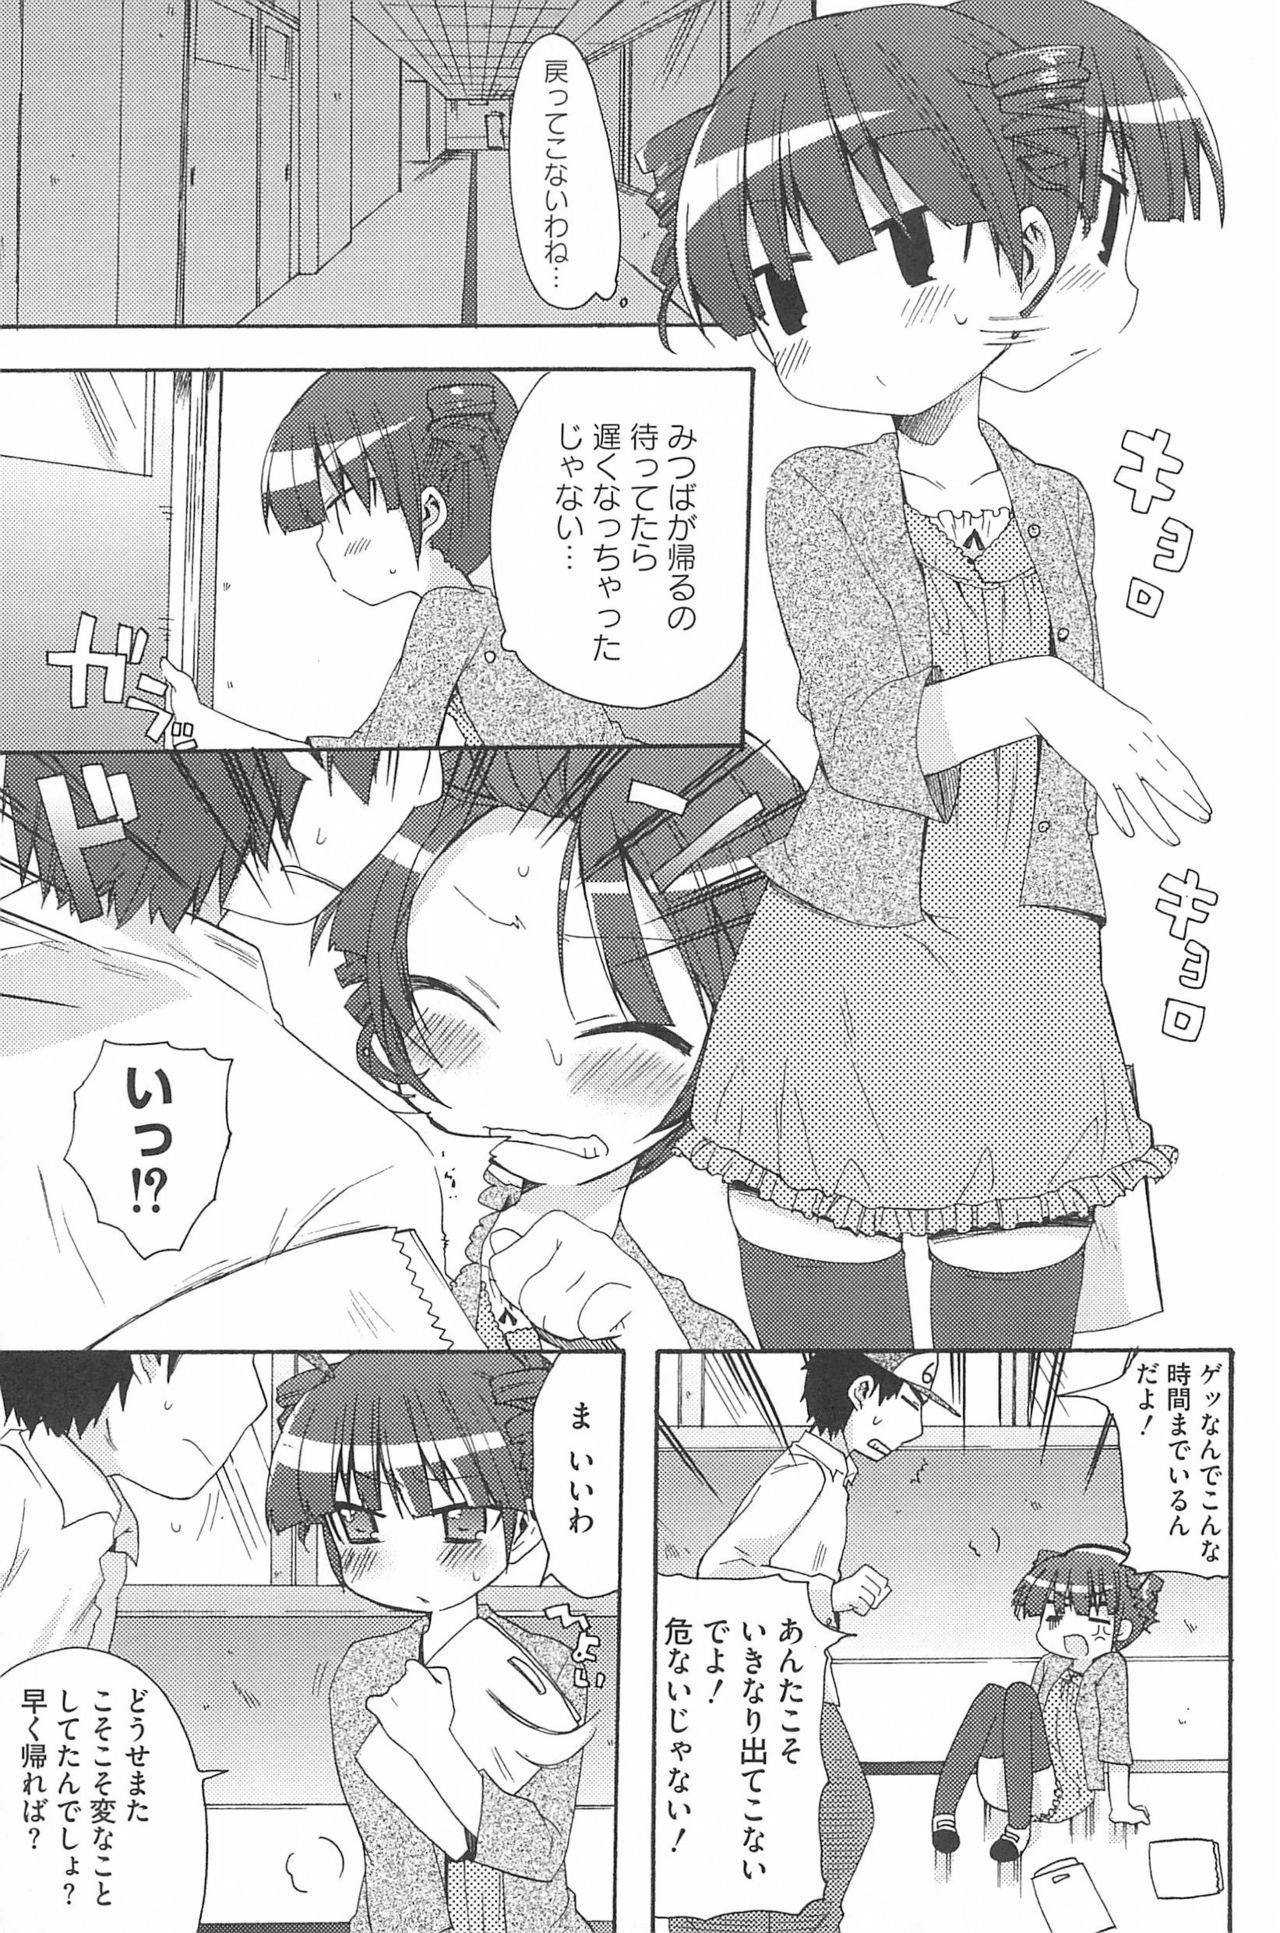 [Anthology] 3-tsugo 3 Shimai no Seiyoku wa 3-bai (Mitsudomoe) 156